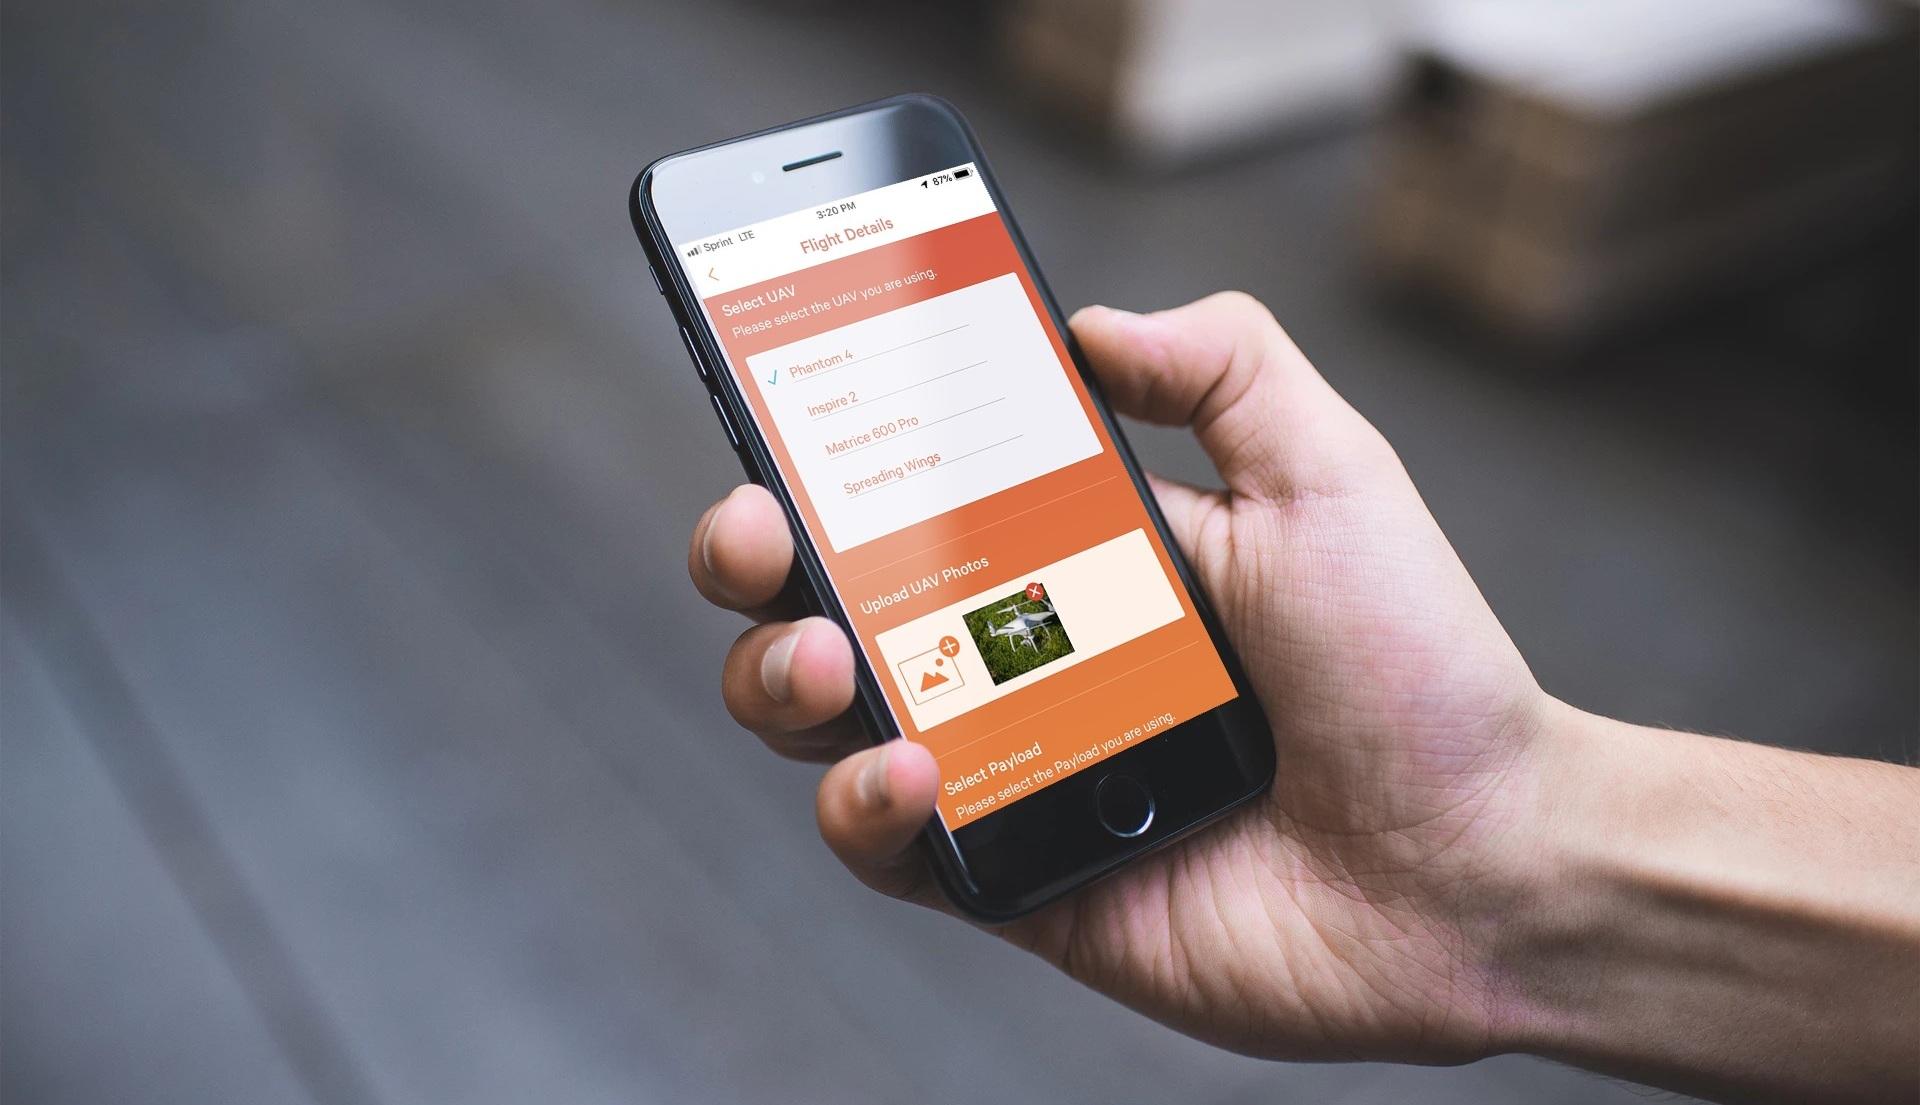 ppf+holding+mobile+app.jpg